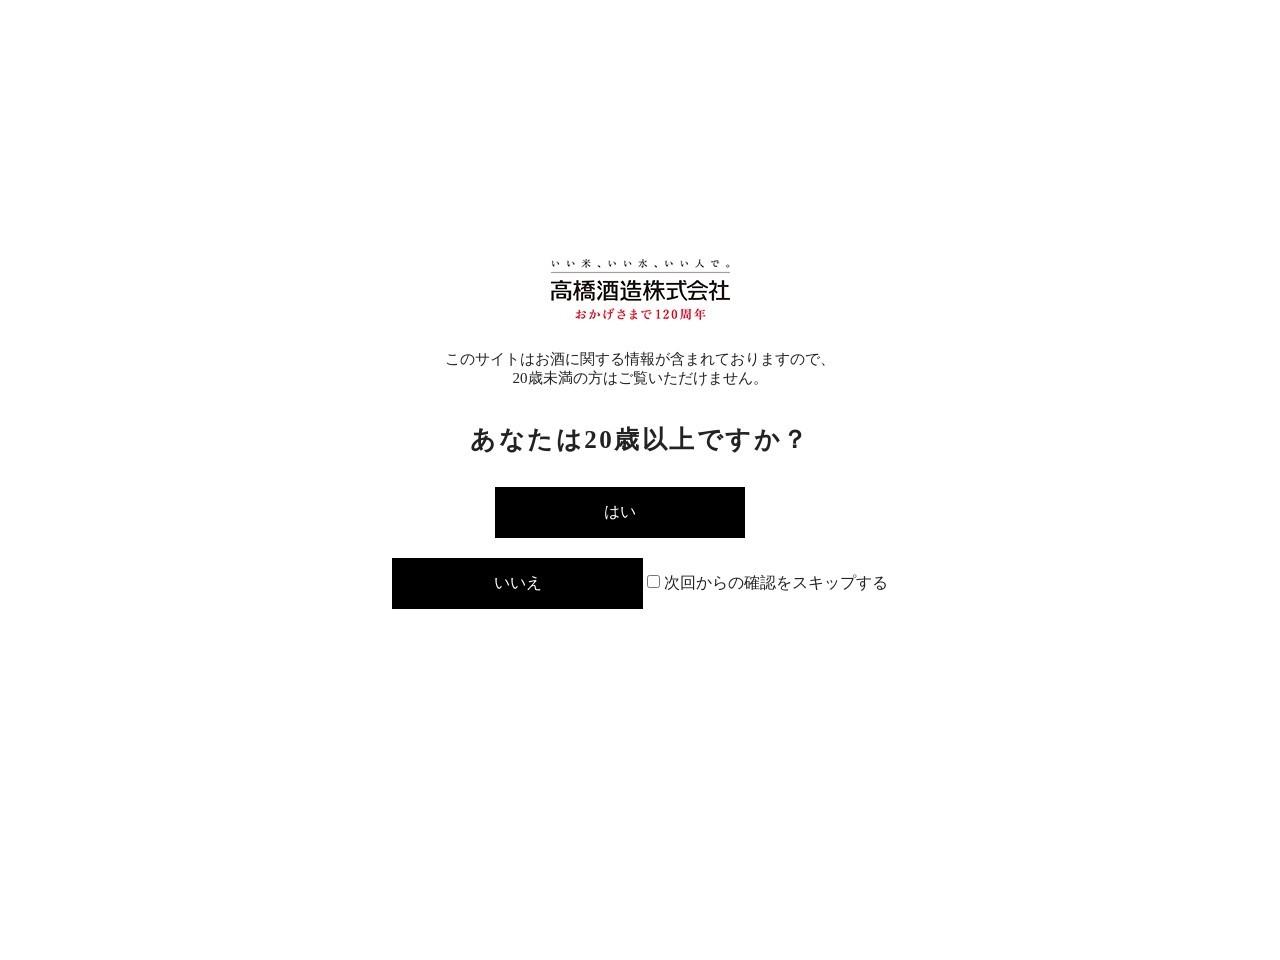 焼酎といえば【高橋酒造株式会社】